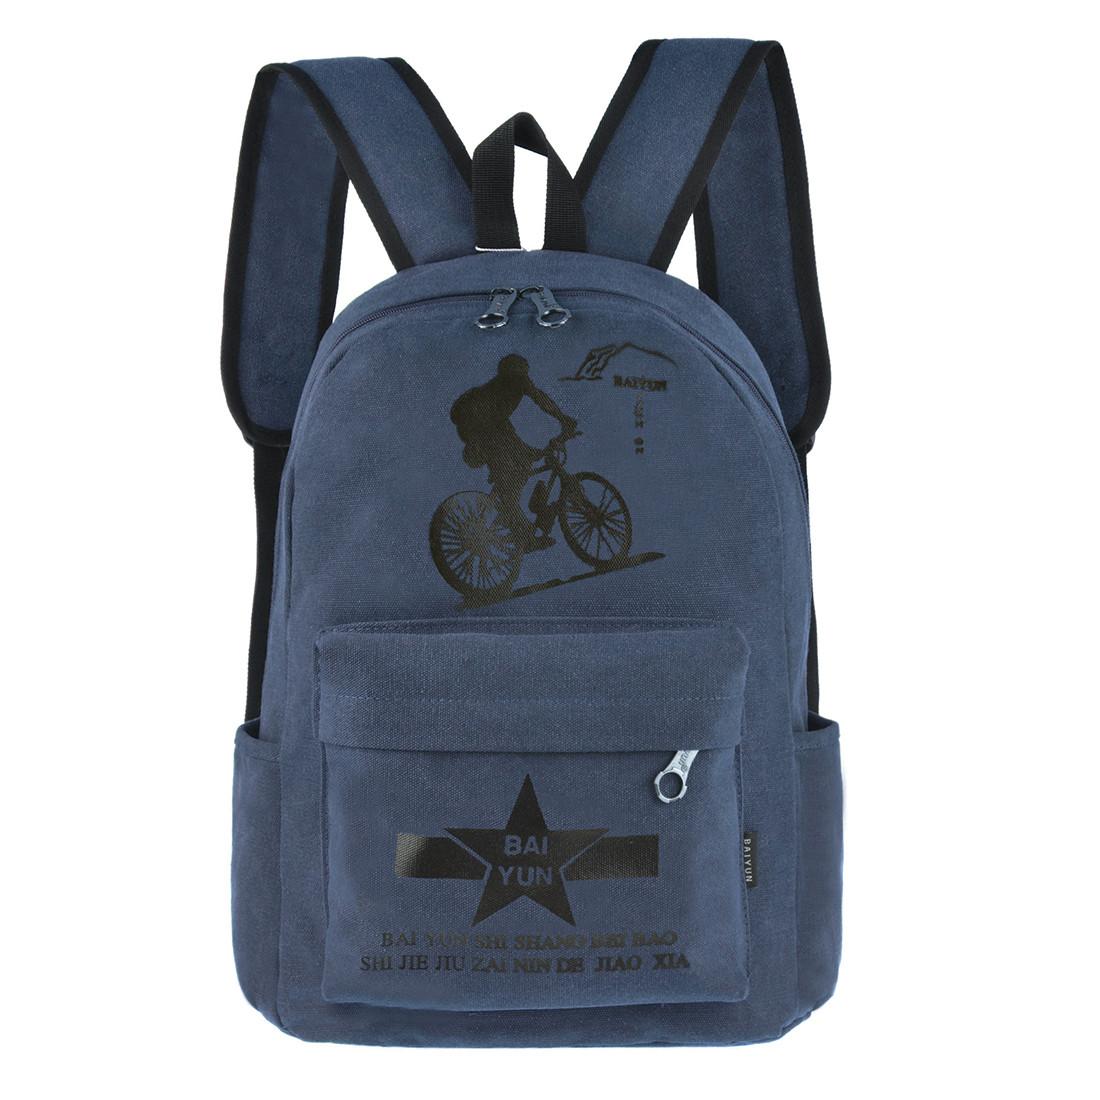 Рюкзак молодёжный BAIYUN  43х31x17 брезент ксВУ135син